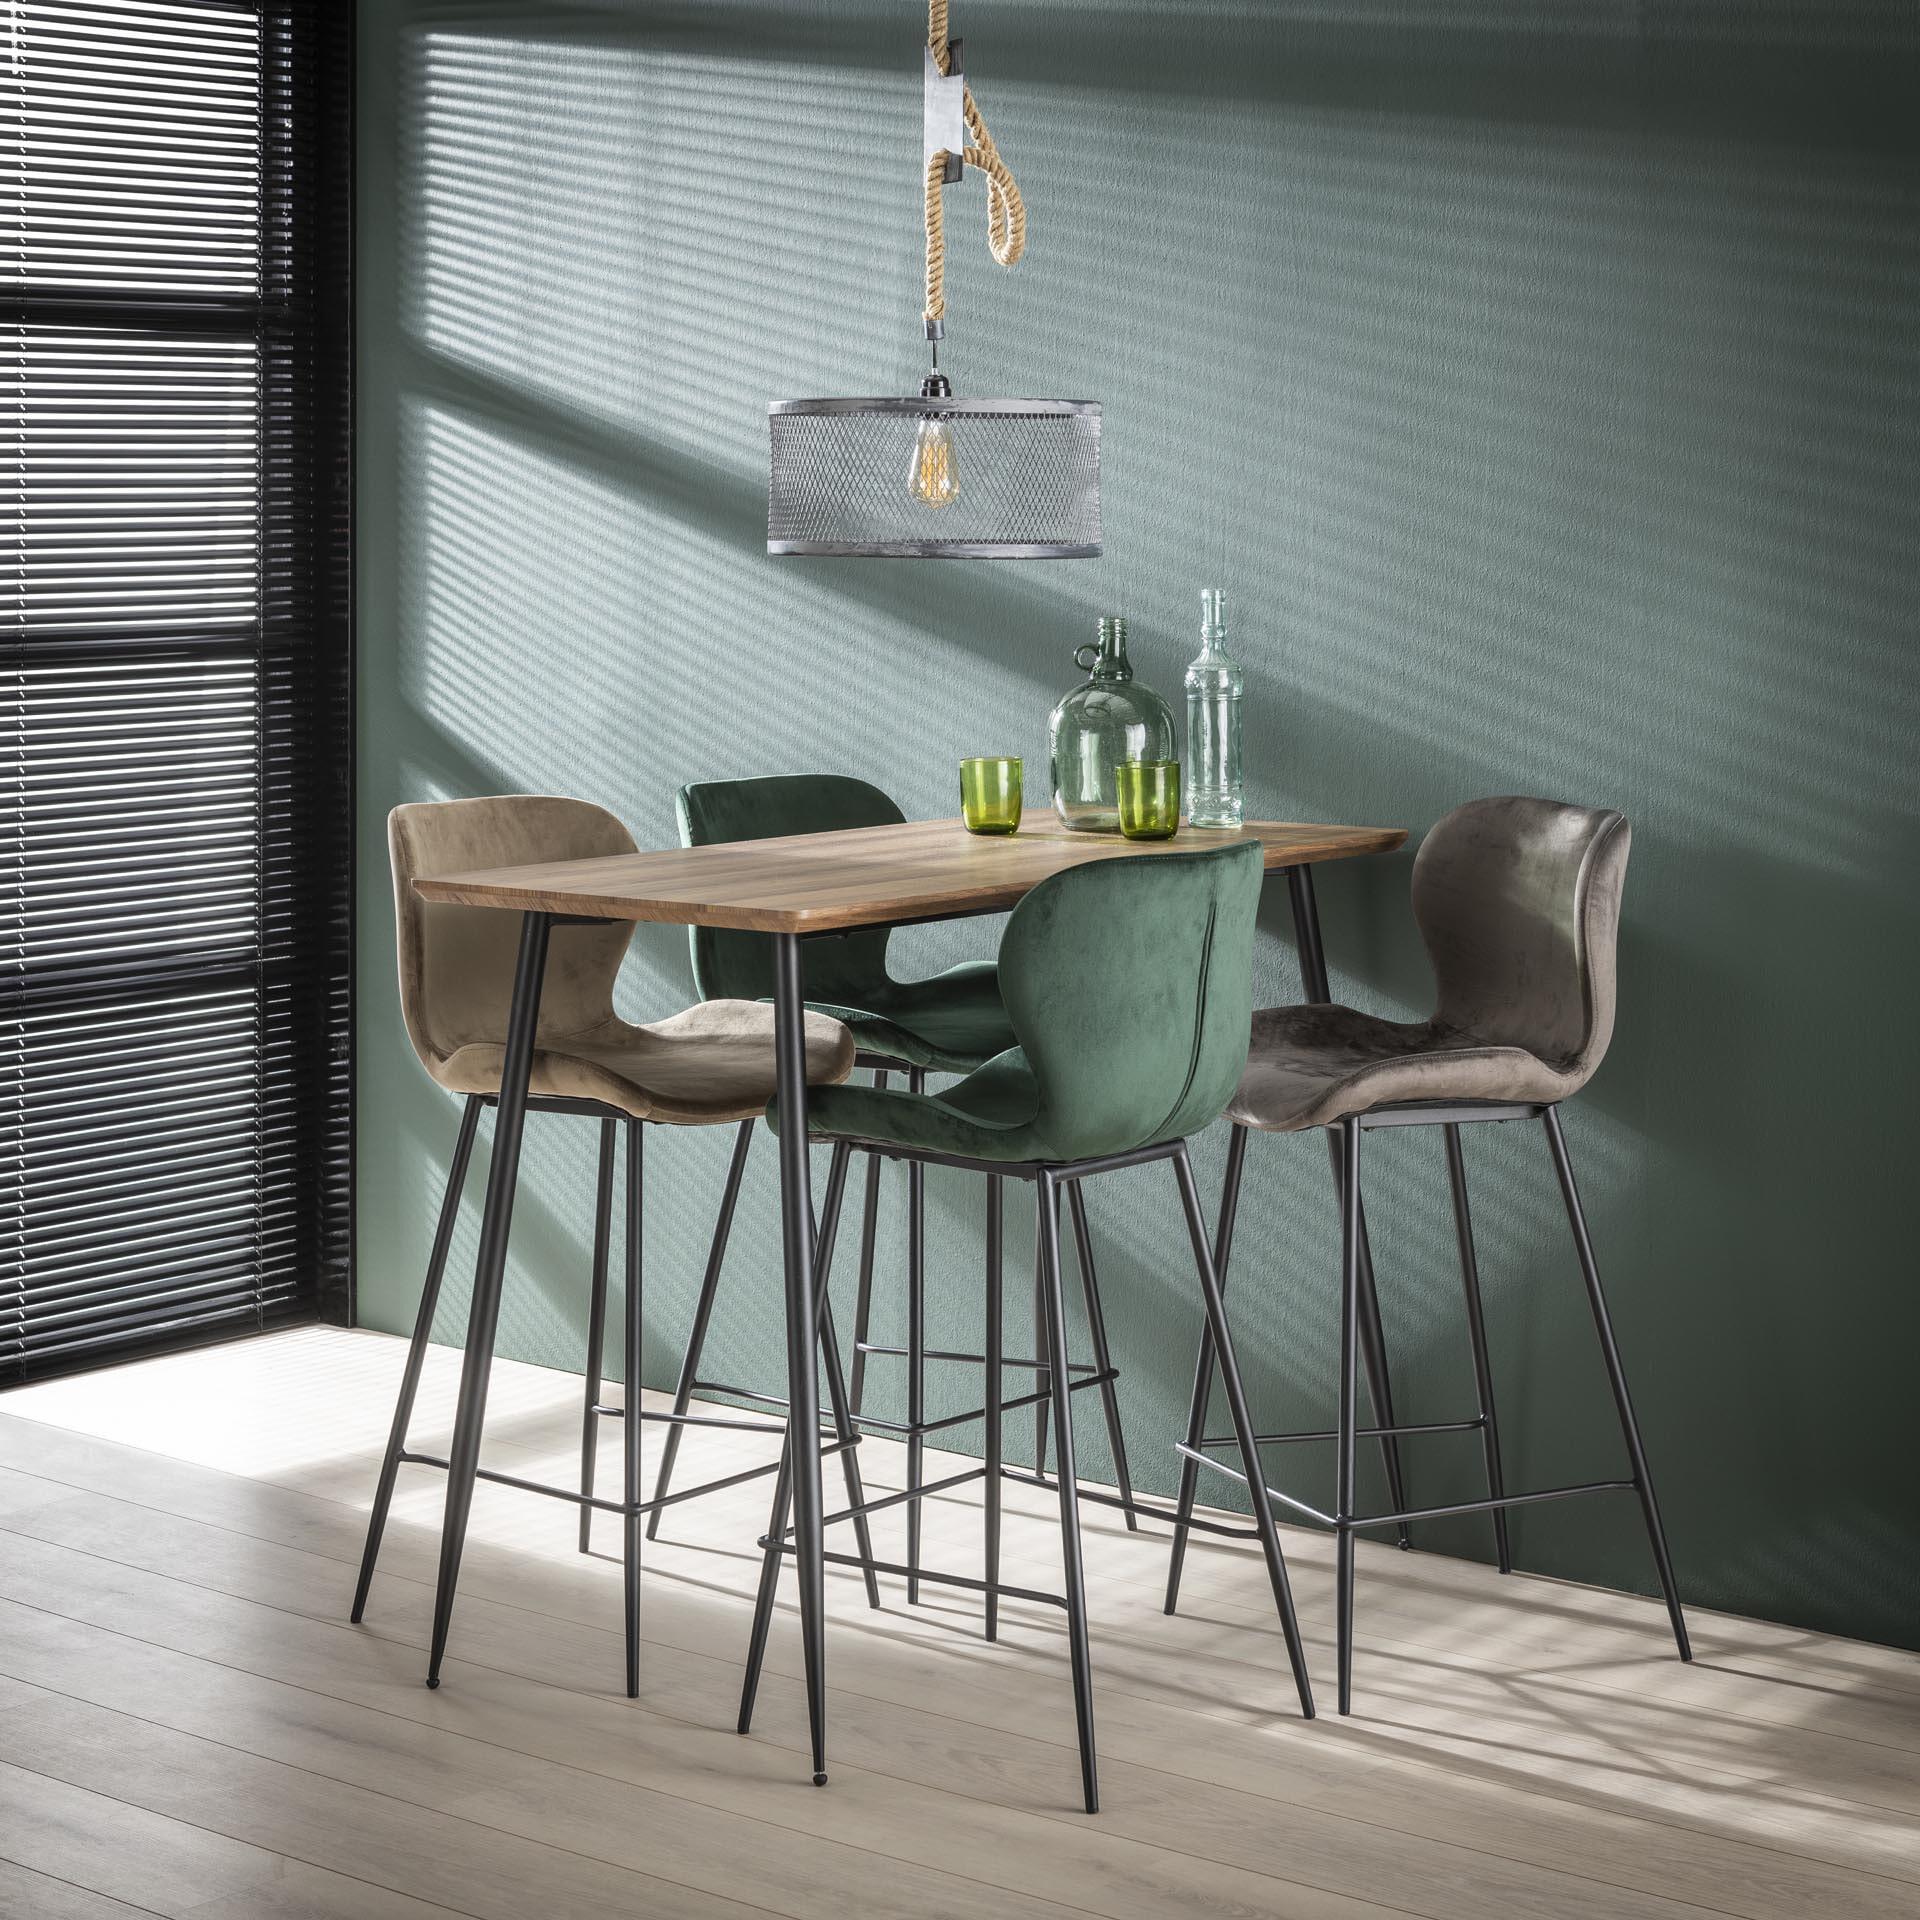 Bartafel 'Arno' MDF 120 x 60cm, kleur 3D Eiken Tafels | Bartafels vergelijken doe je het voordeligst hier bij Meubelpartner